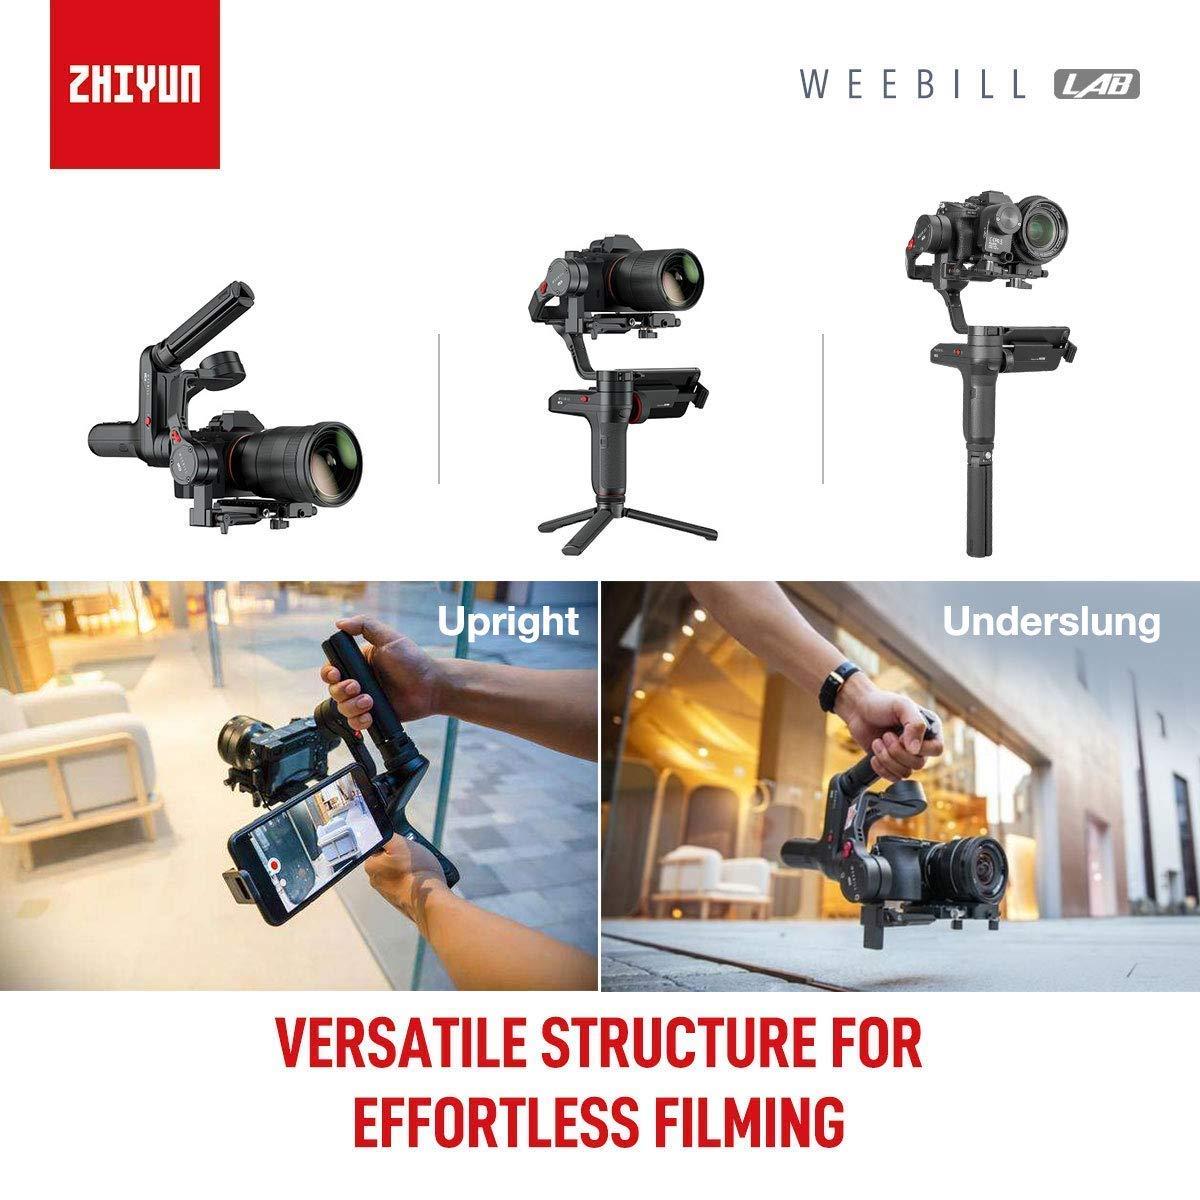 Zhiyun WEEBILL LAB Stabilizzatore cardanico palmare Carico utile massimo 3KG con struttura versatile Trasmissione immagini wireless e ViaTouch compatibili per fotocamera Canon Canon Mirrorless